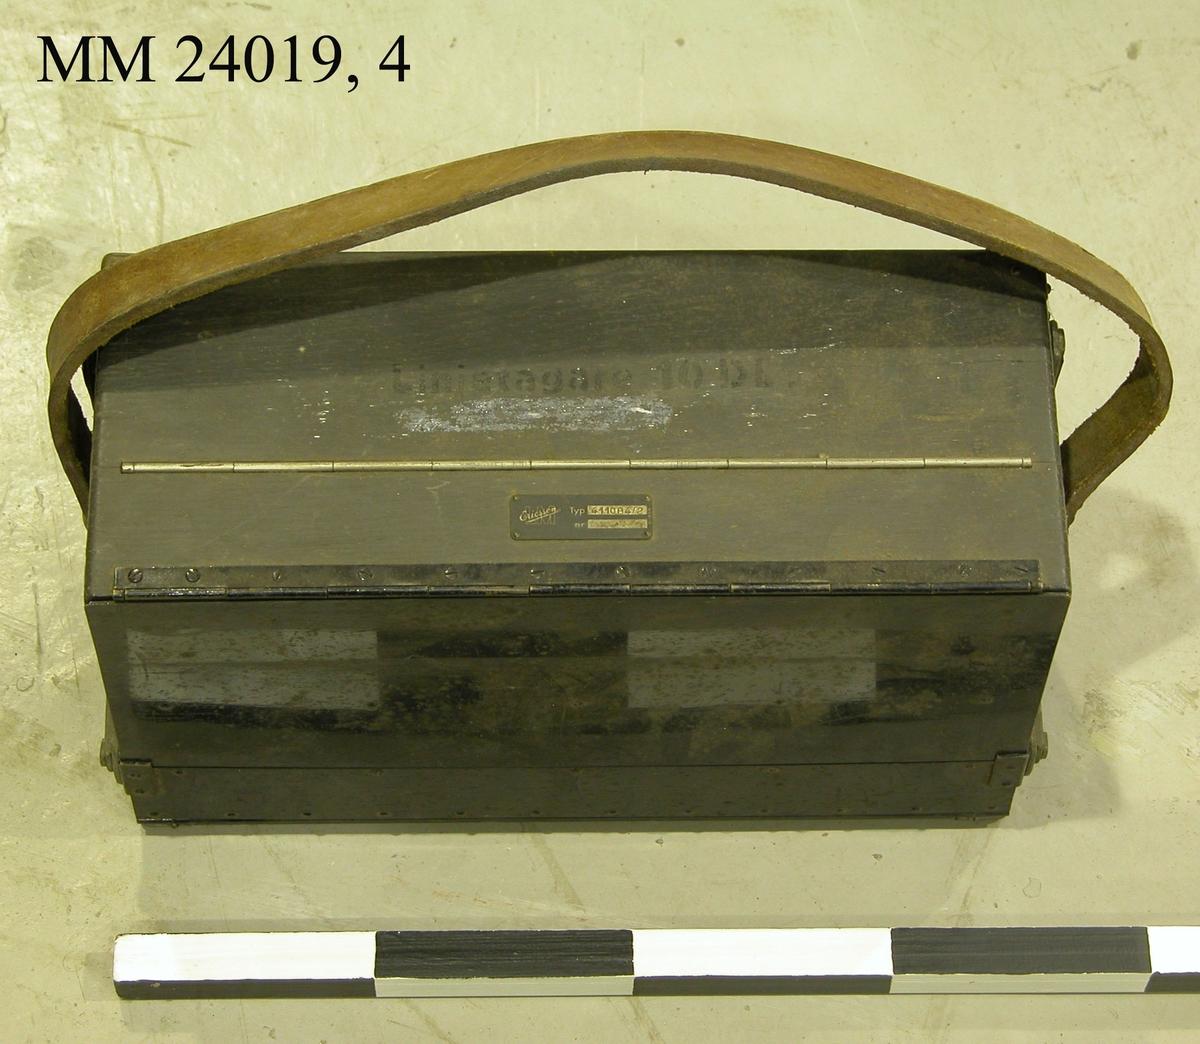 """Svart metallåda på framsidan märkt med målad vit text: """"LINJETAGARE 10DL"""". Under texten finns även en mindre metallplatta med texten: """"LM Ericsson, Typ 411084/2"""". Manöverpanelen är försedd med tio stycken numrerade Från/Till reglage. En orange gummislang försedd med en elkontakt i ena änden är ansluten till manöverpanelen. En liten svart vev av metall ligger lös inne i lådan. Lådan går att öppna stegvis via olika metallspännen. Lådan är försedd med en bärrem av läder. Se även MM 24019, 1-3."""